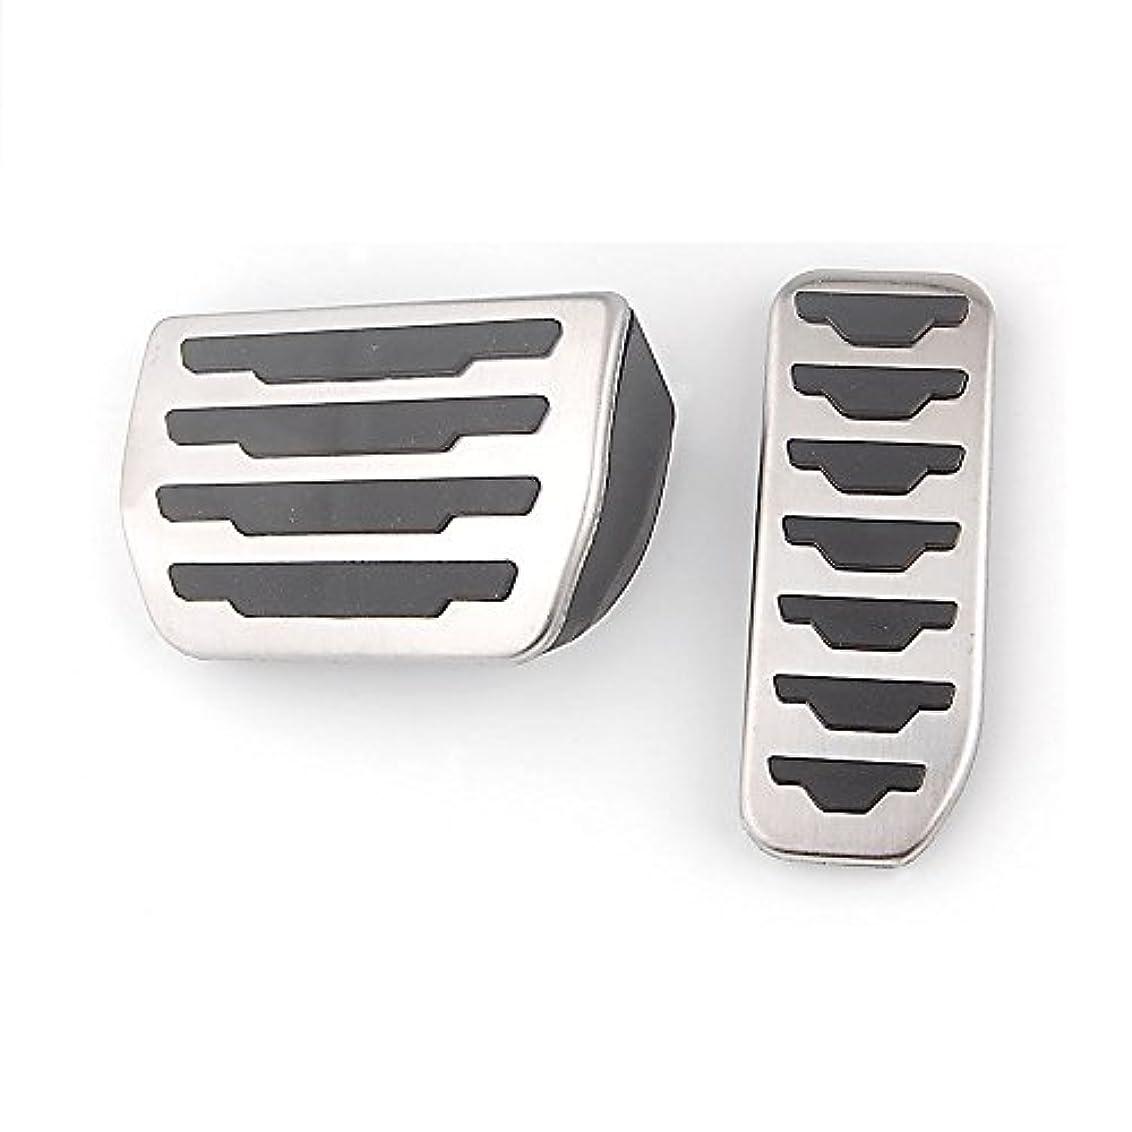 抽選ドループ細部Jicorzo - ジャガーXE F-ペース2016用オートカーアンチスリップアクセラレータガスブレーキフットペダルパッドパネルカバーキットアクセサリー2PCSフィット